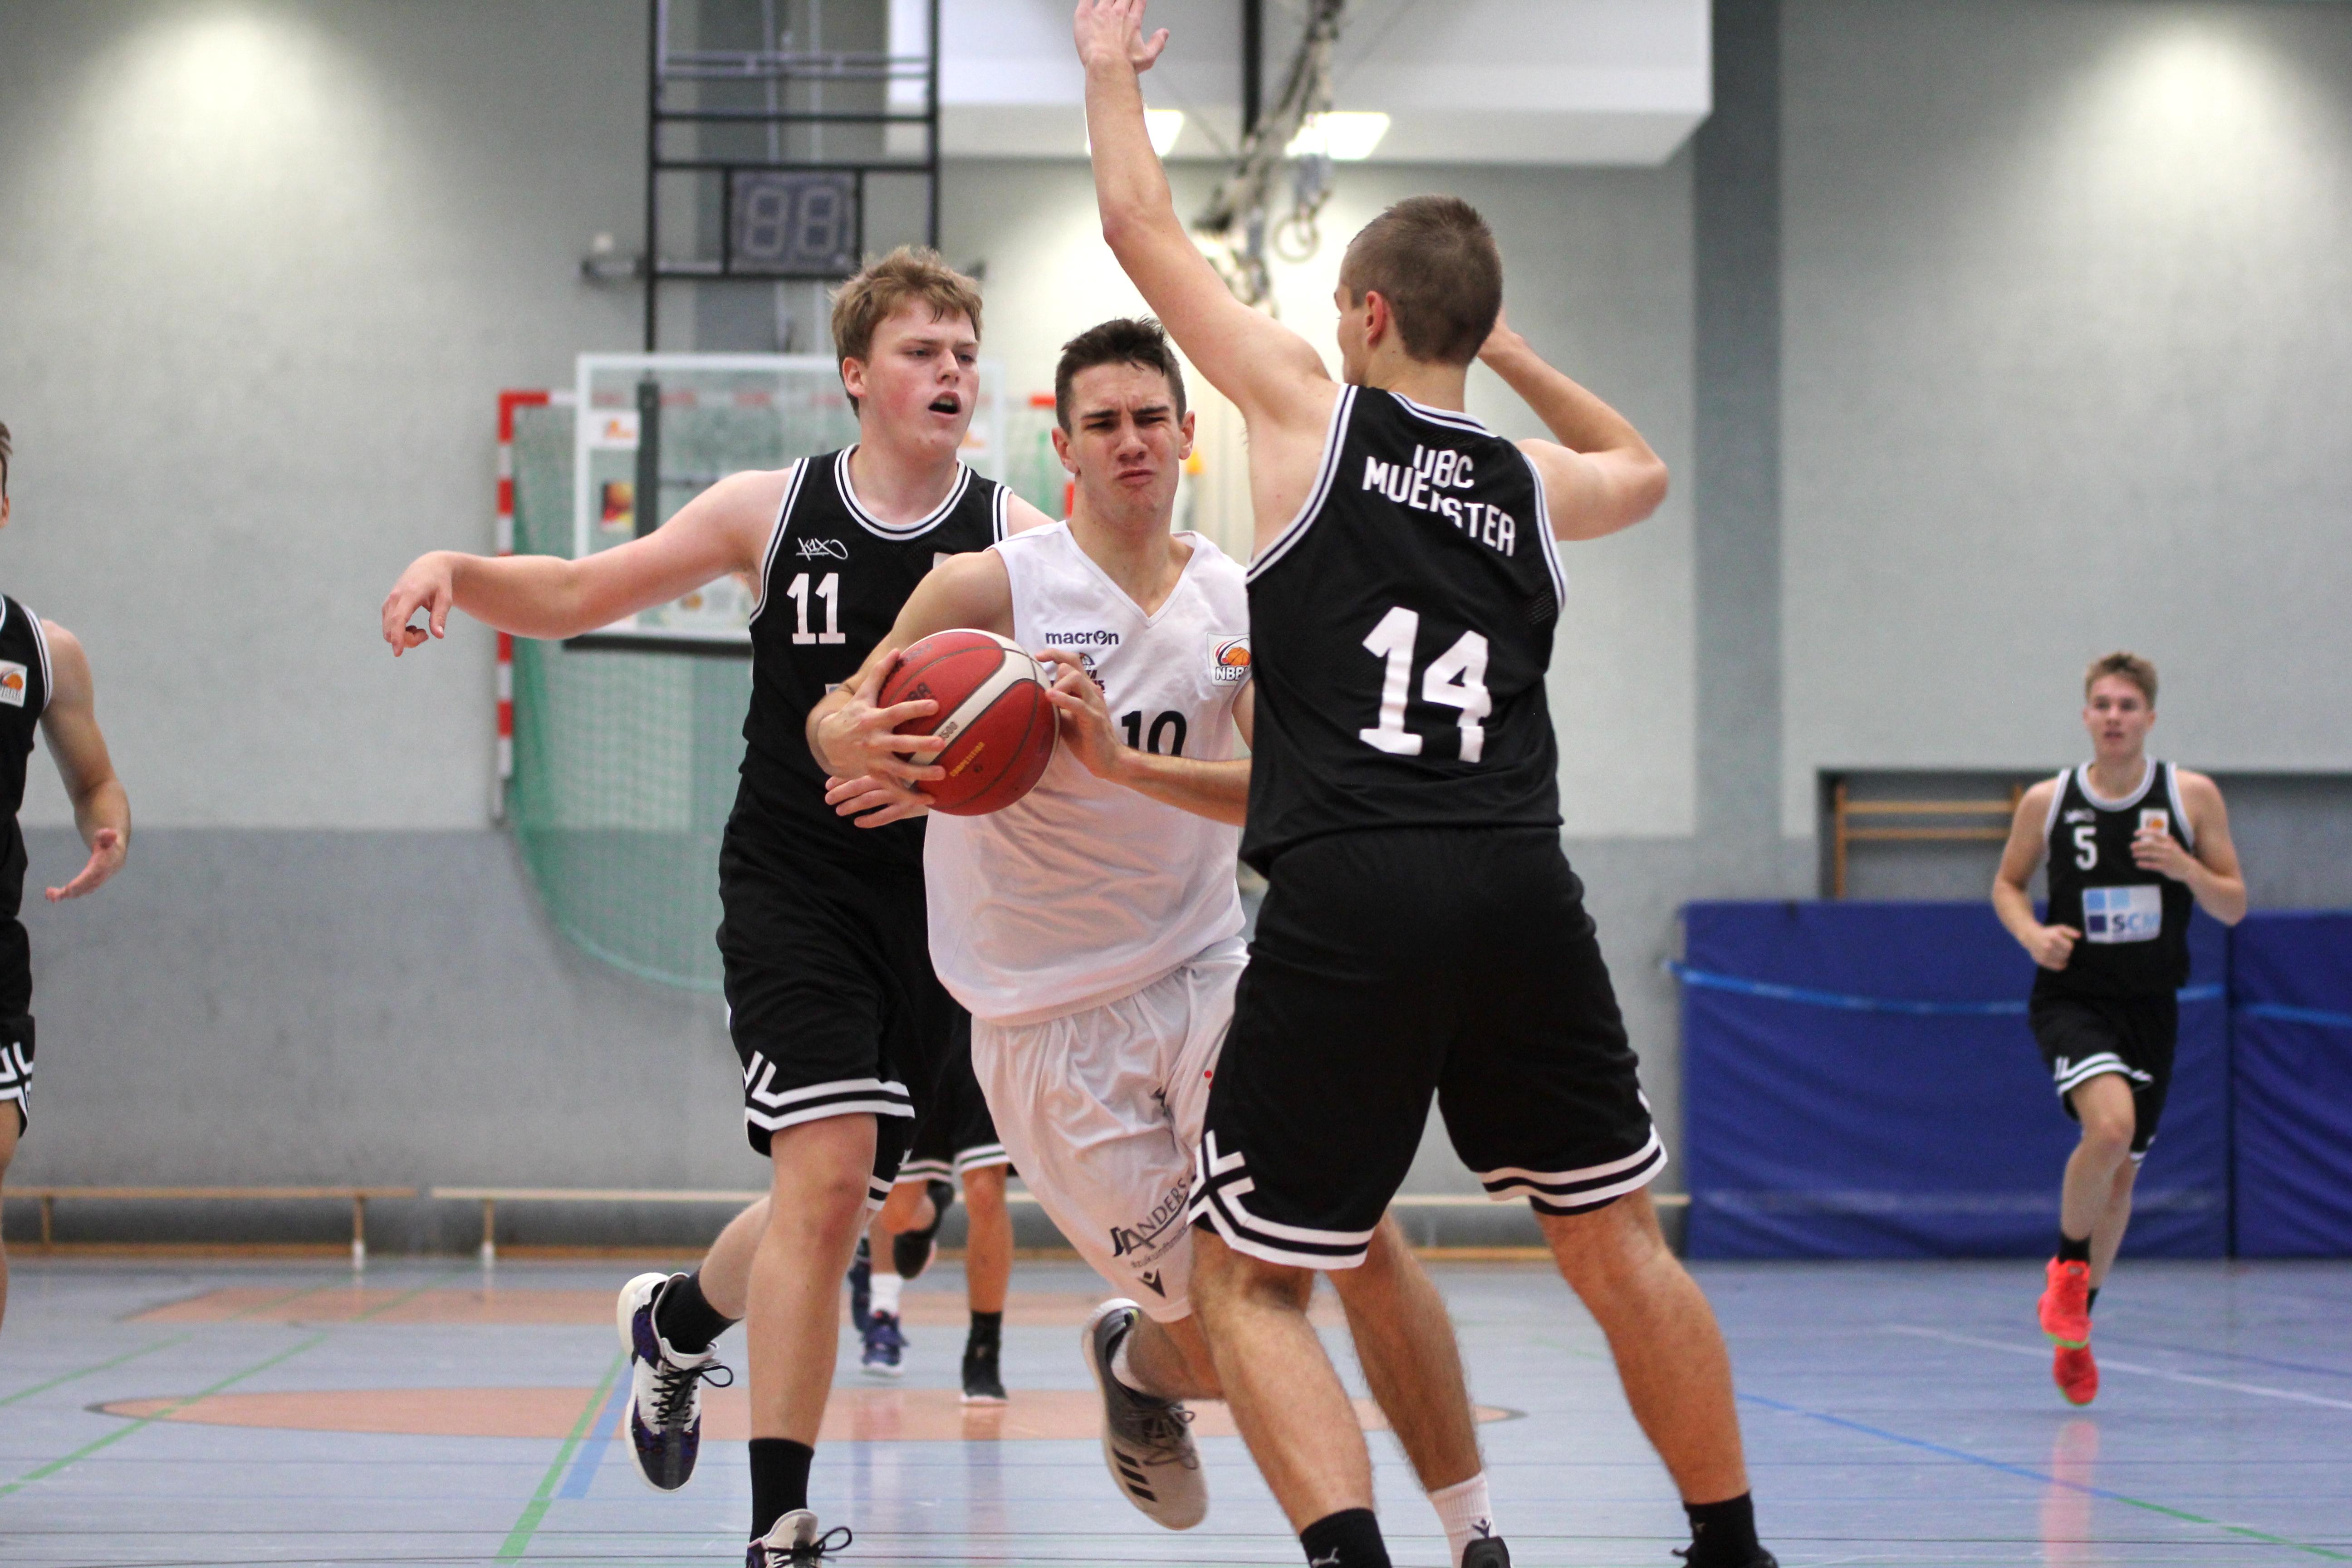 NBBL_20-21_YOUNG-RASTA-DRAGONS_Münster_Spieltag1_Noah-Jänen_4